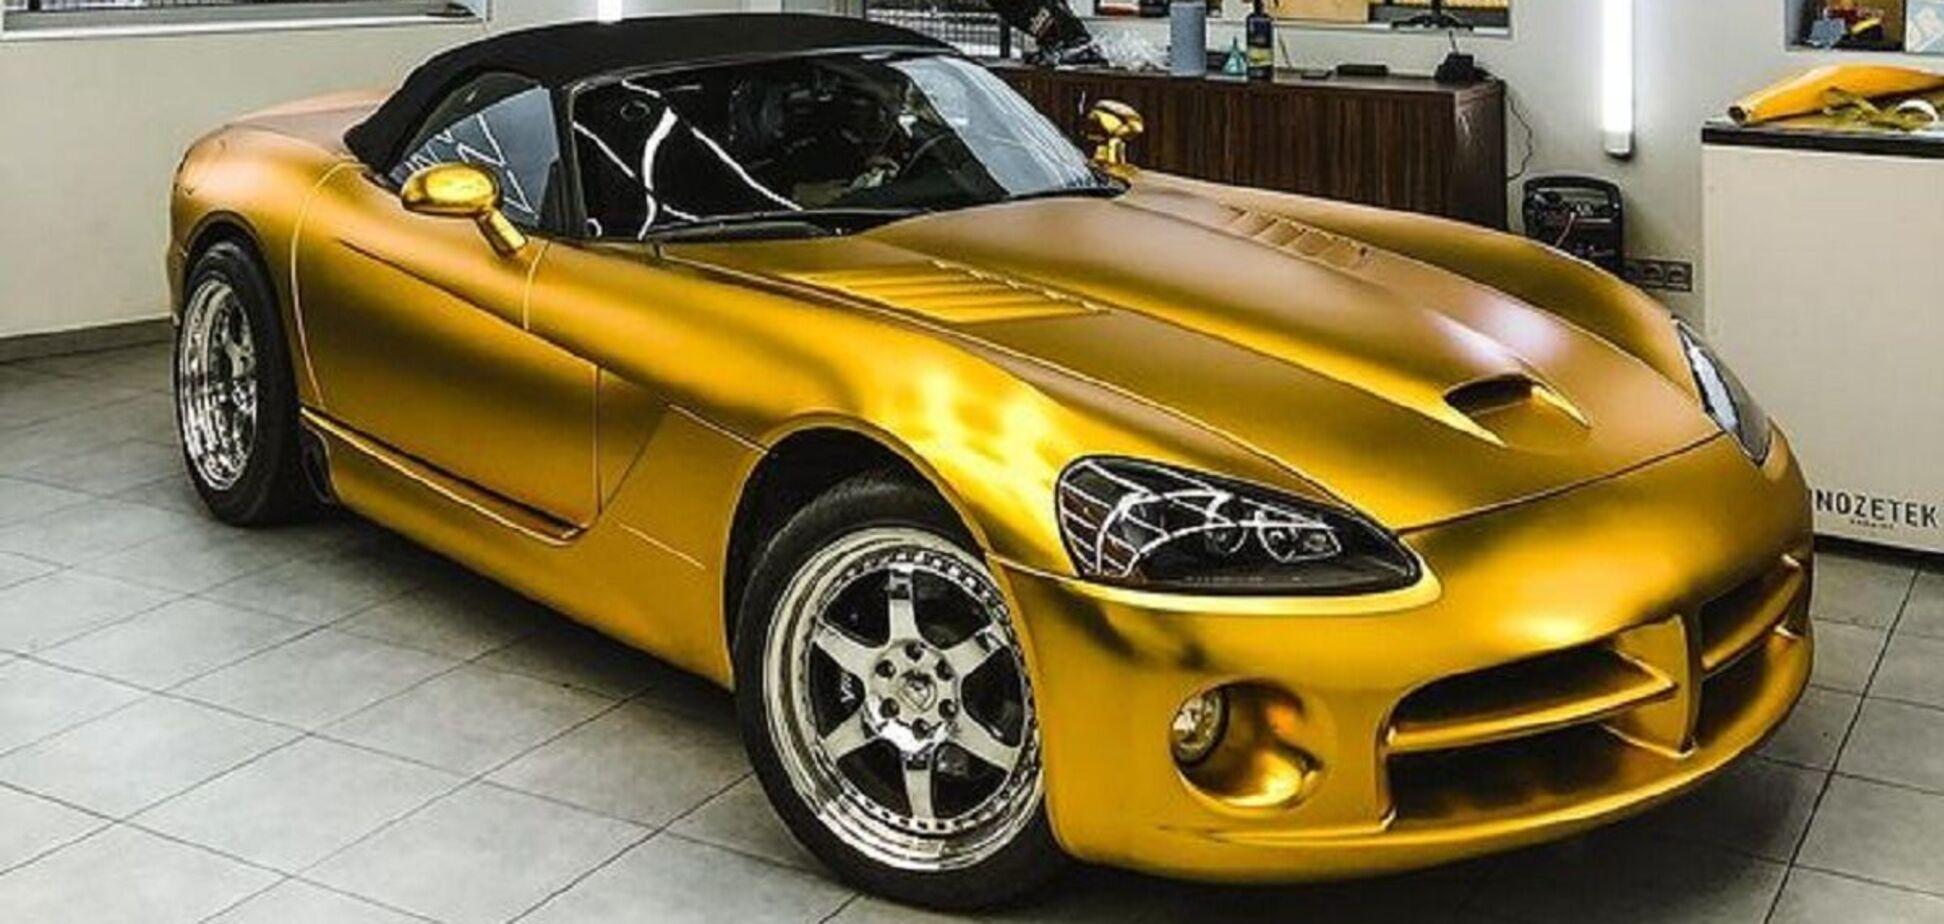 У Києві виявили 'золотий' суперкар із потужним мотором